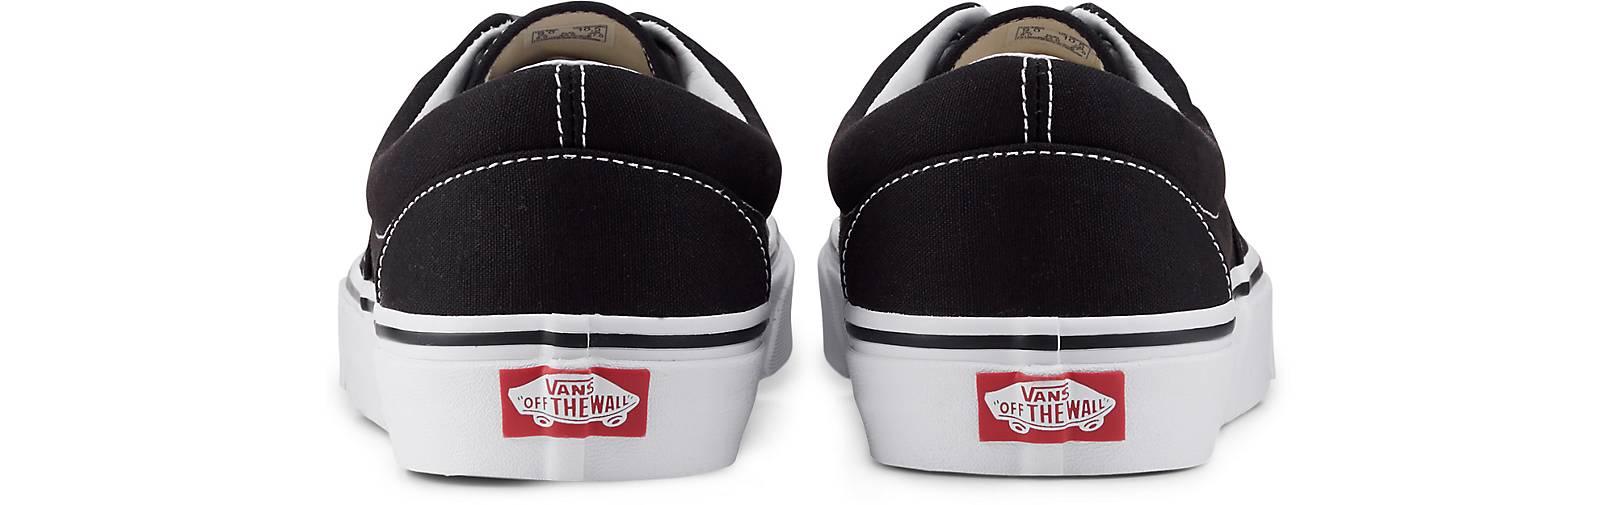 Vans Turnschuhe ERA in schwarz kaufen - - - 45405302 GÖRTZ Gute Qualität beliebte Schuhe 1b797f